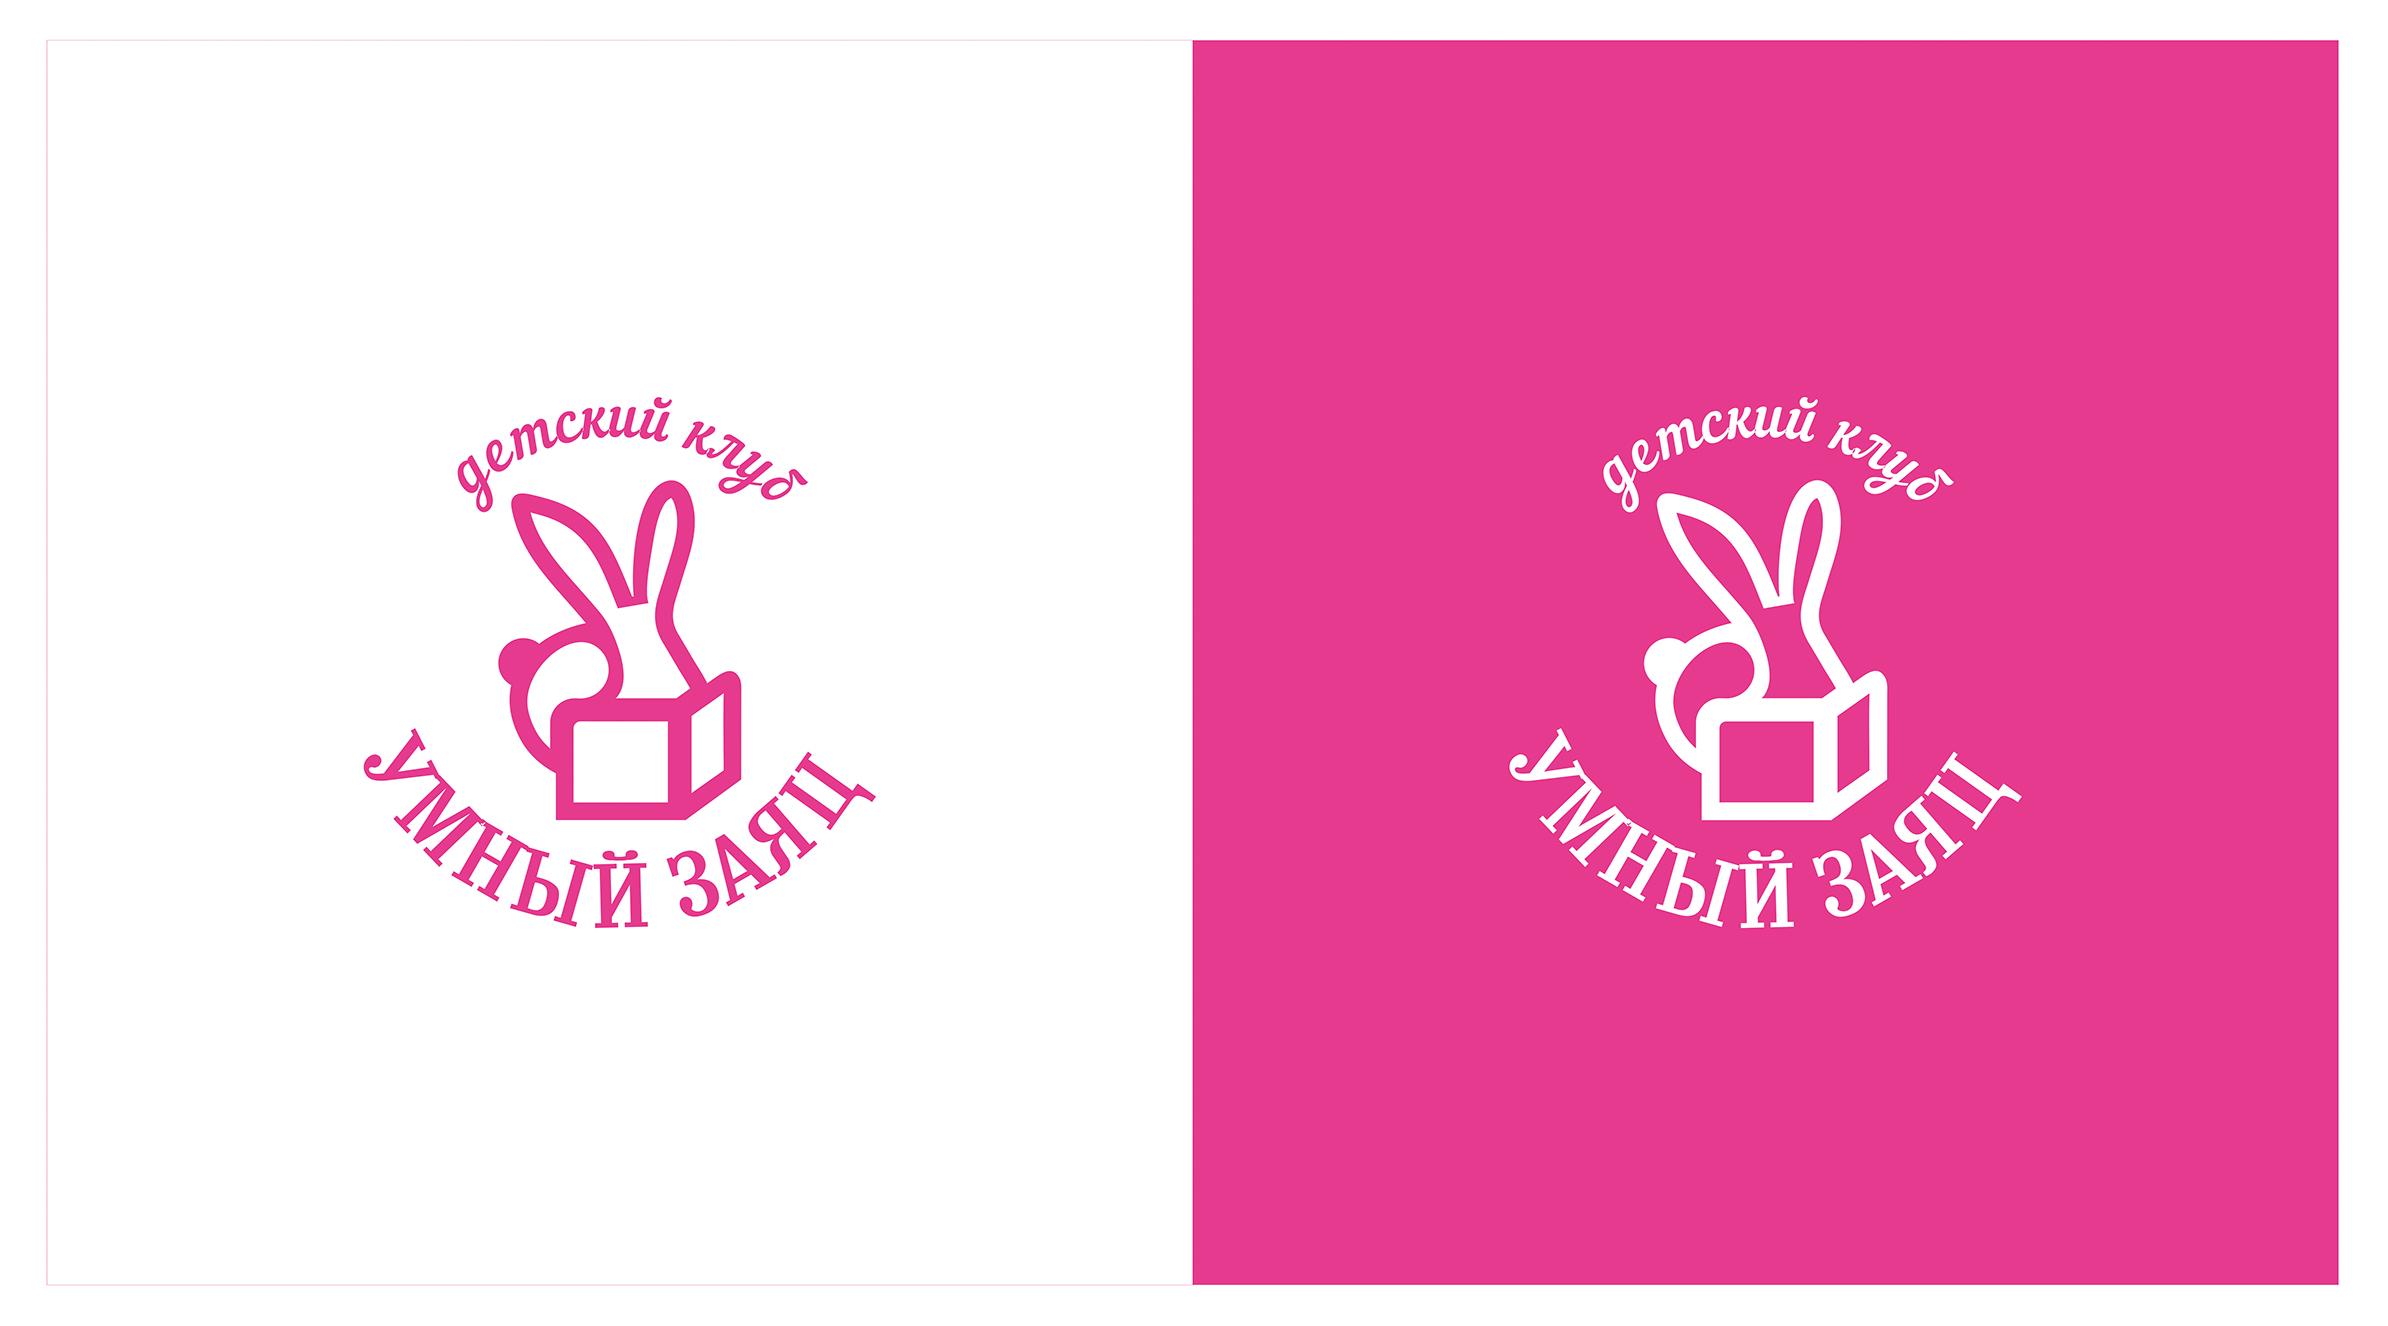 Разработать логотип и фирменный стиль детского клуба фото f_7945560a53a45f8c.jpg